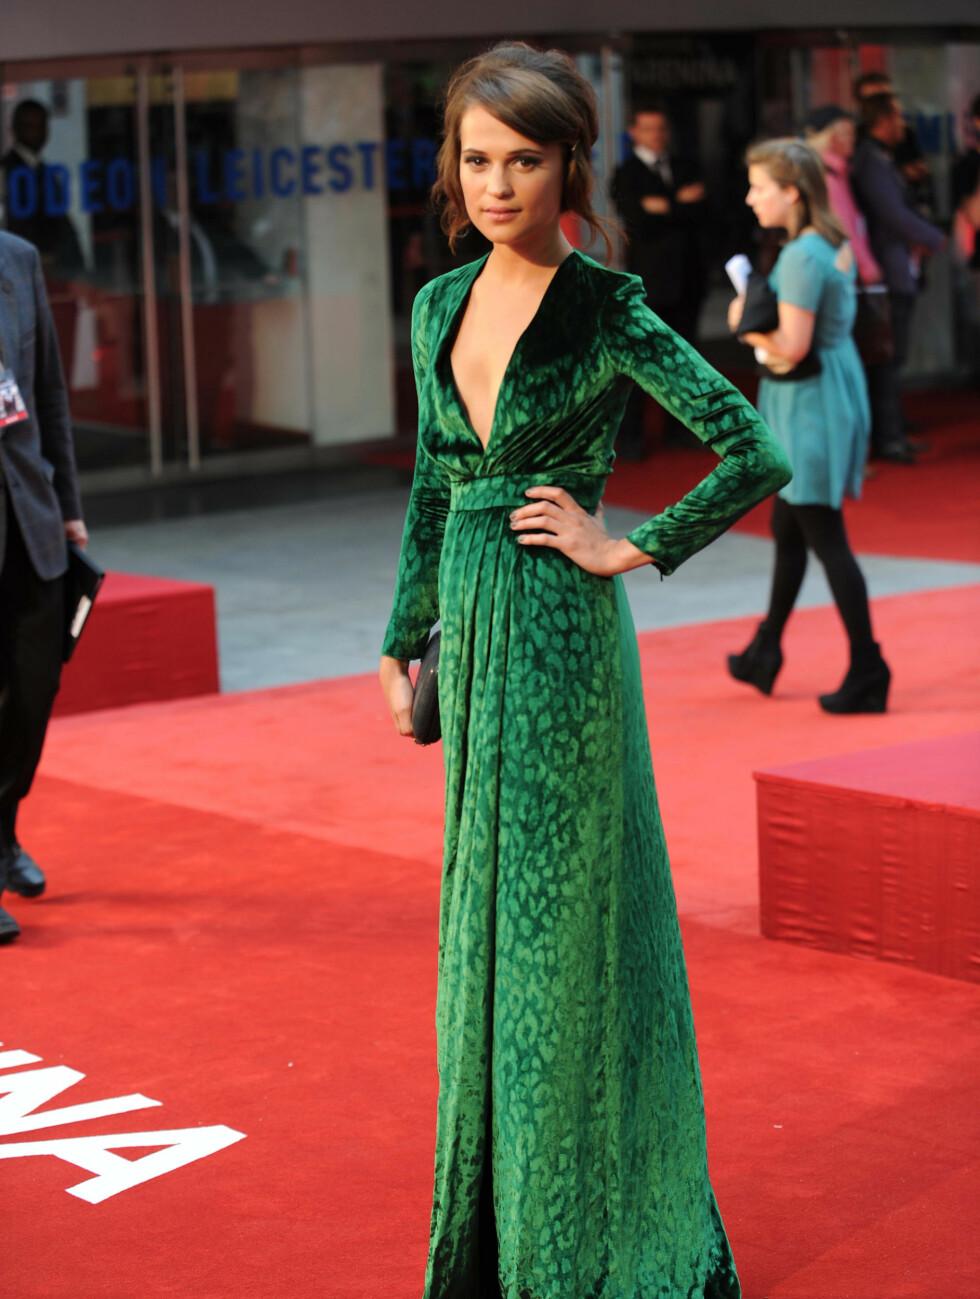 SVENSK SKJØNNHET: Den svenske skuespilleren Alicia Vikander var tilstede ved premieren på «Anna Karenina», som hun selv har en rolle i, i den grønne Gucci-kjolen. Foto: Stella Pictures